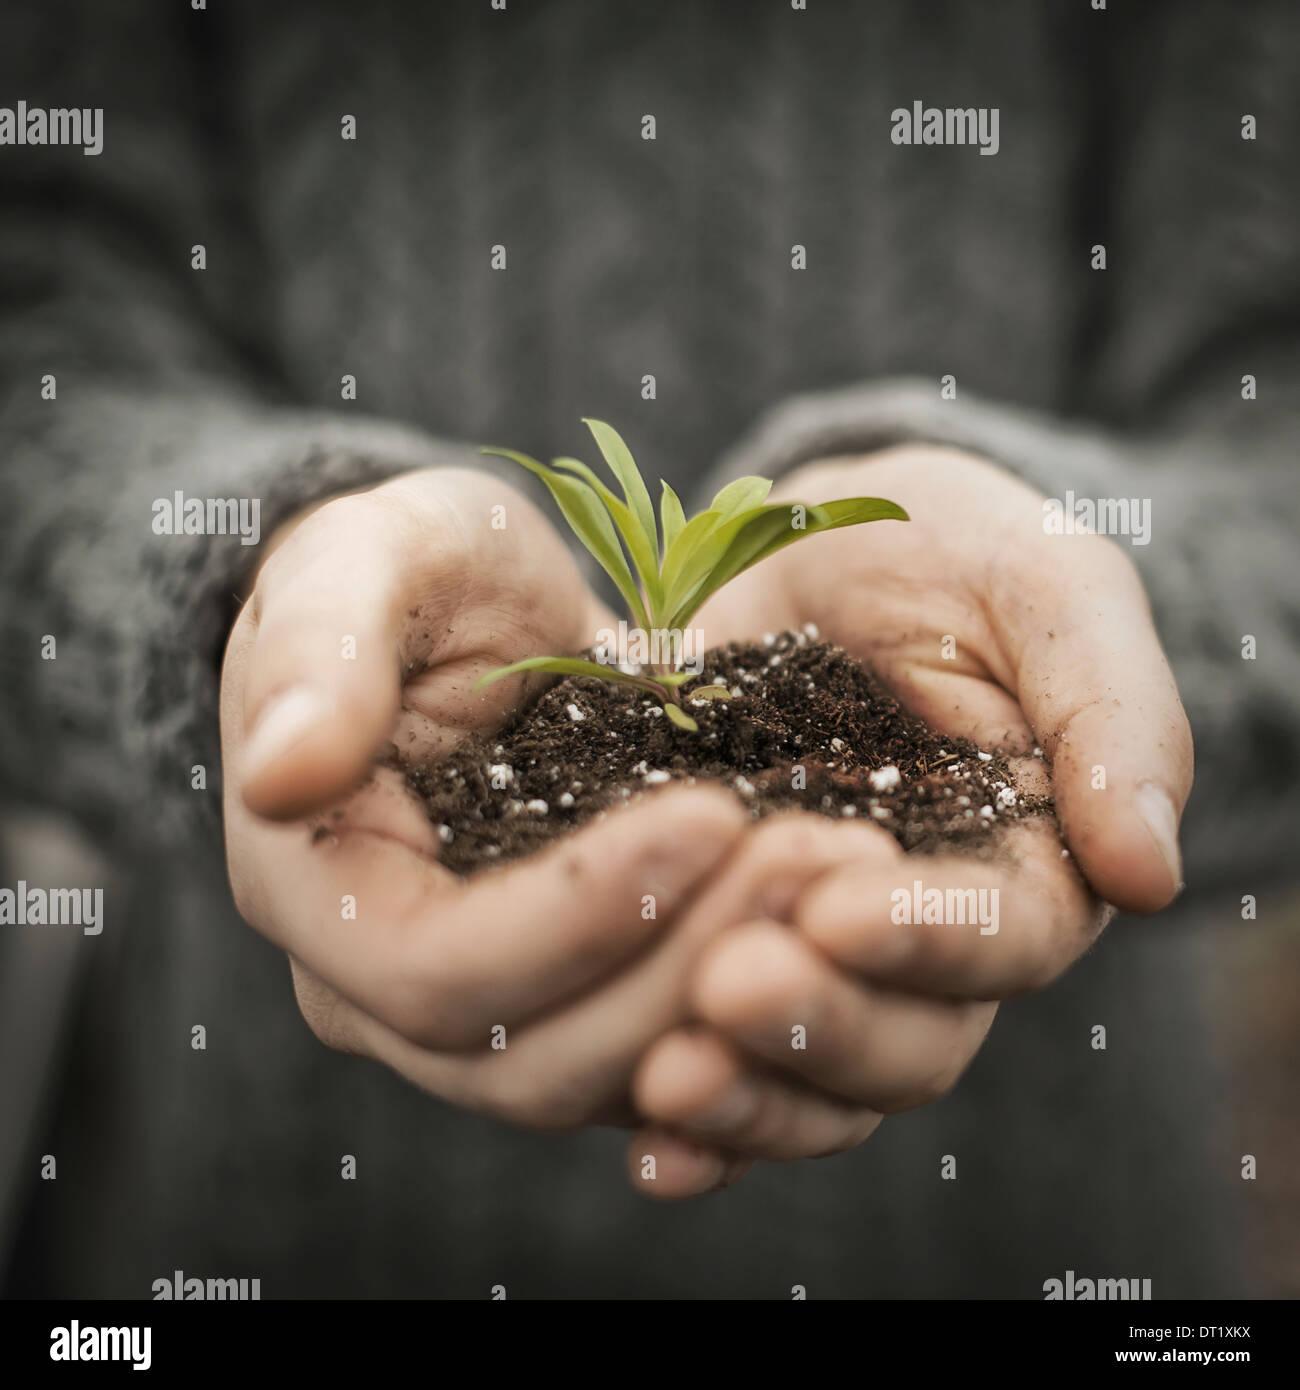 Una persona in una serra commerciale tenendo una pianta piccola piantina nelle sue mani a tazza Immagini Stock